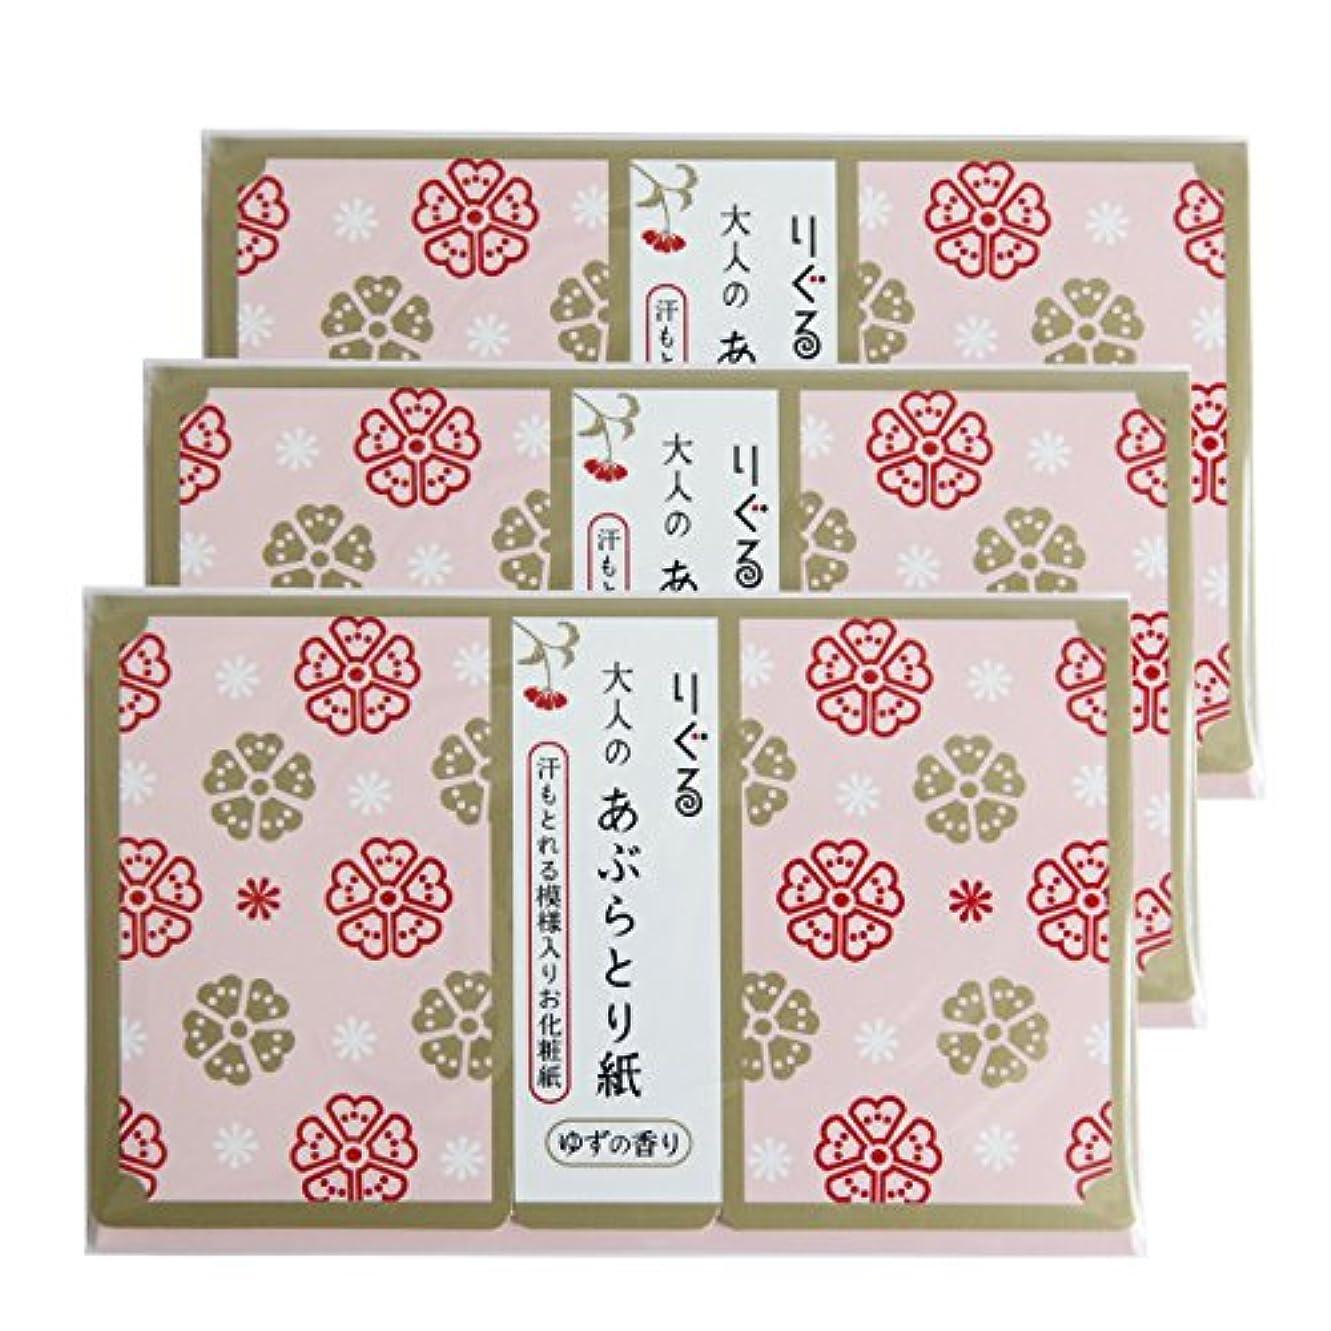 ジョイント放送実験をするりぐる 大人のあぶらとり紙 使うたびにうれしくなる ちょっと贅沢な高知県産ゆずの香りのあぶらとり紙 (30枚入り)(3p)